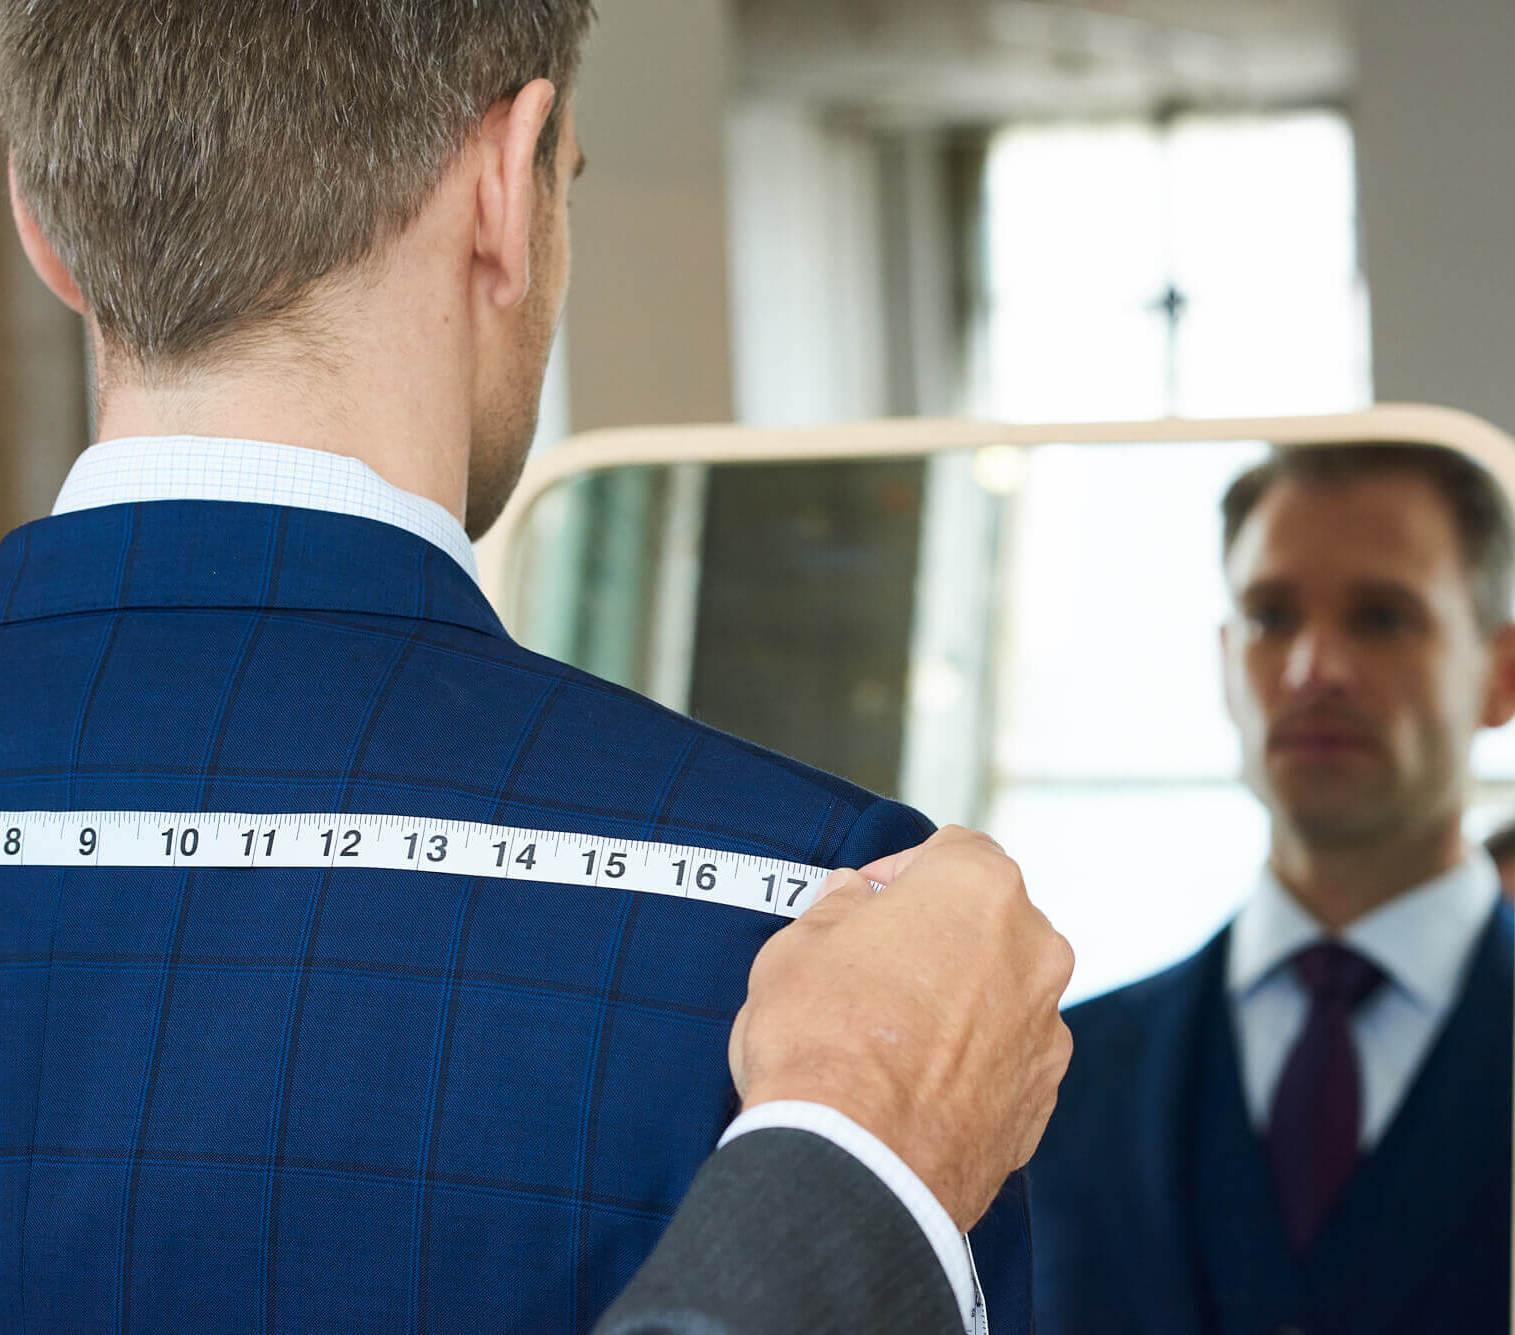 custom-tailor-alterations